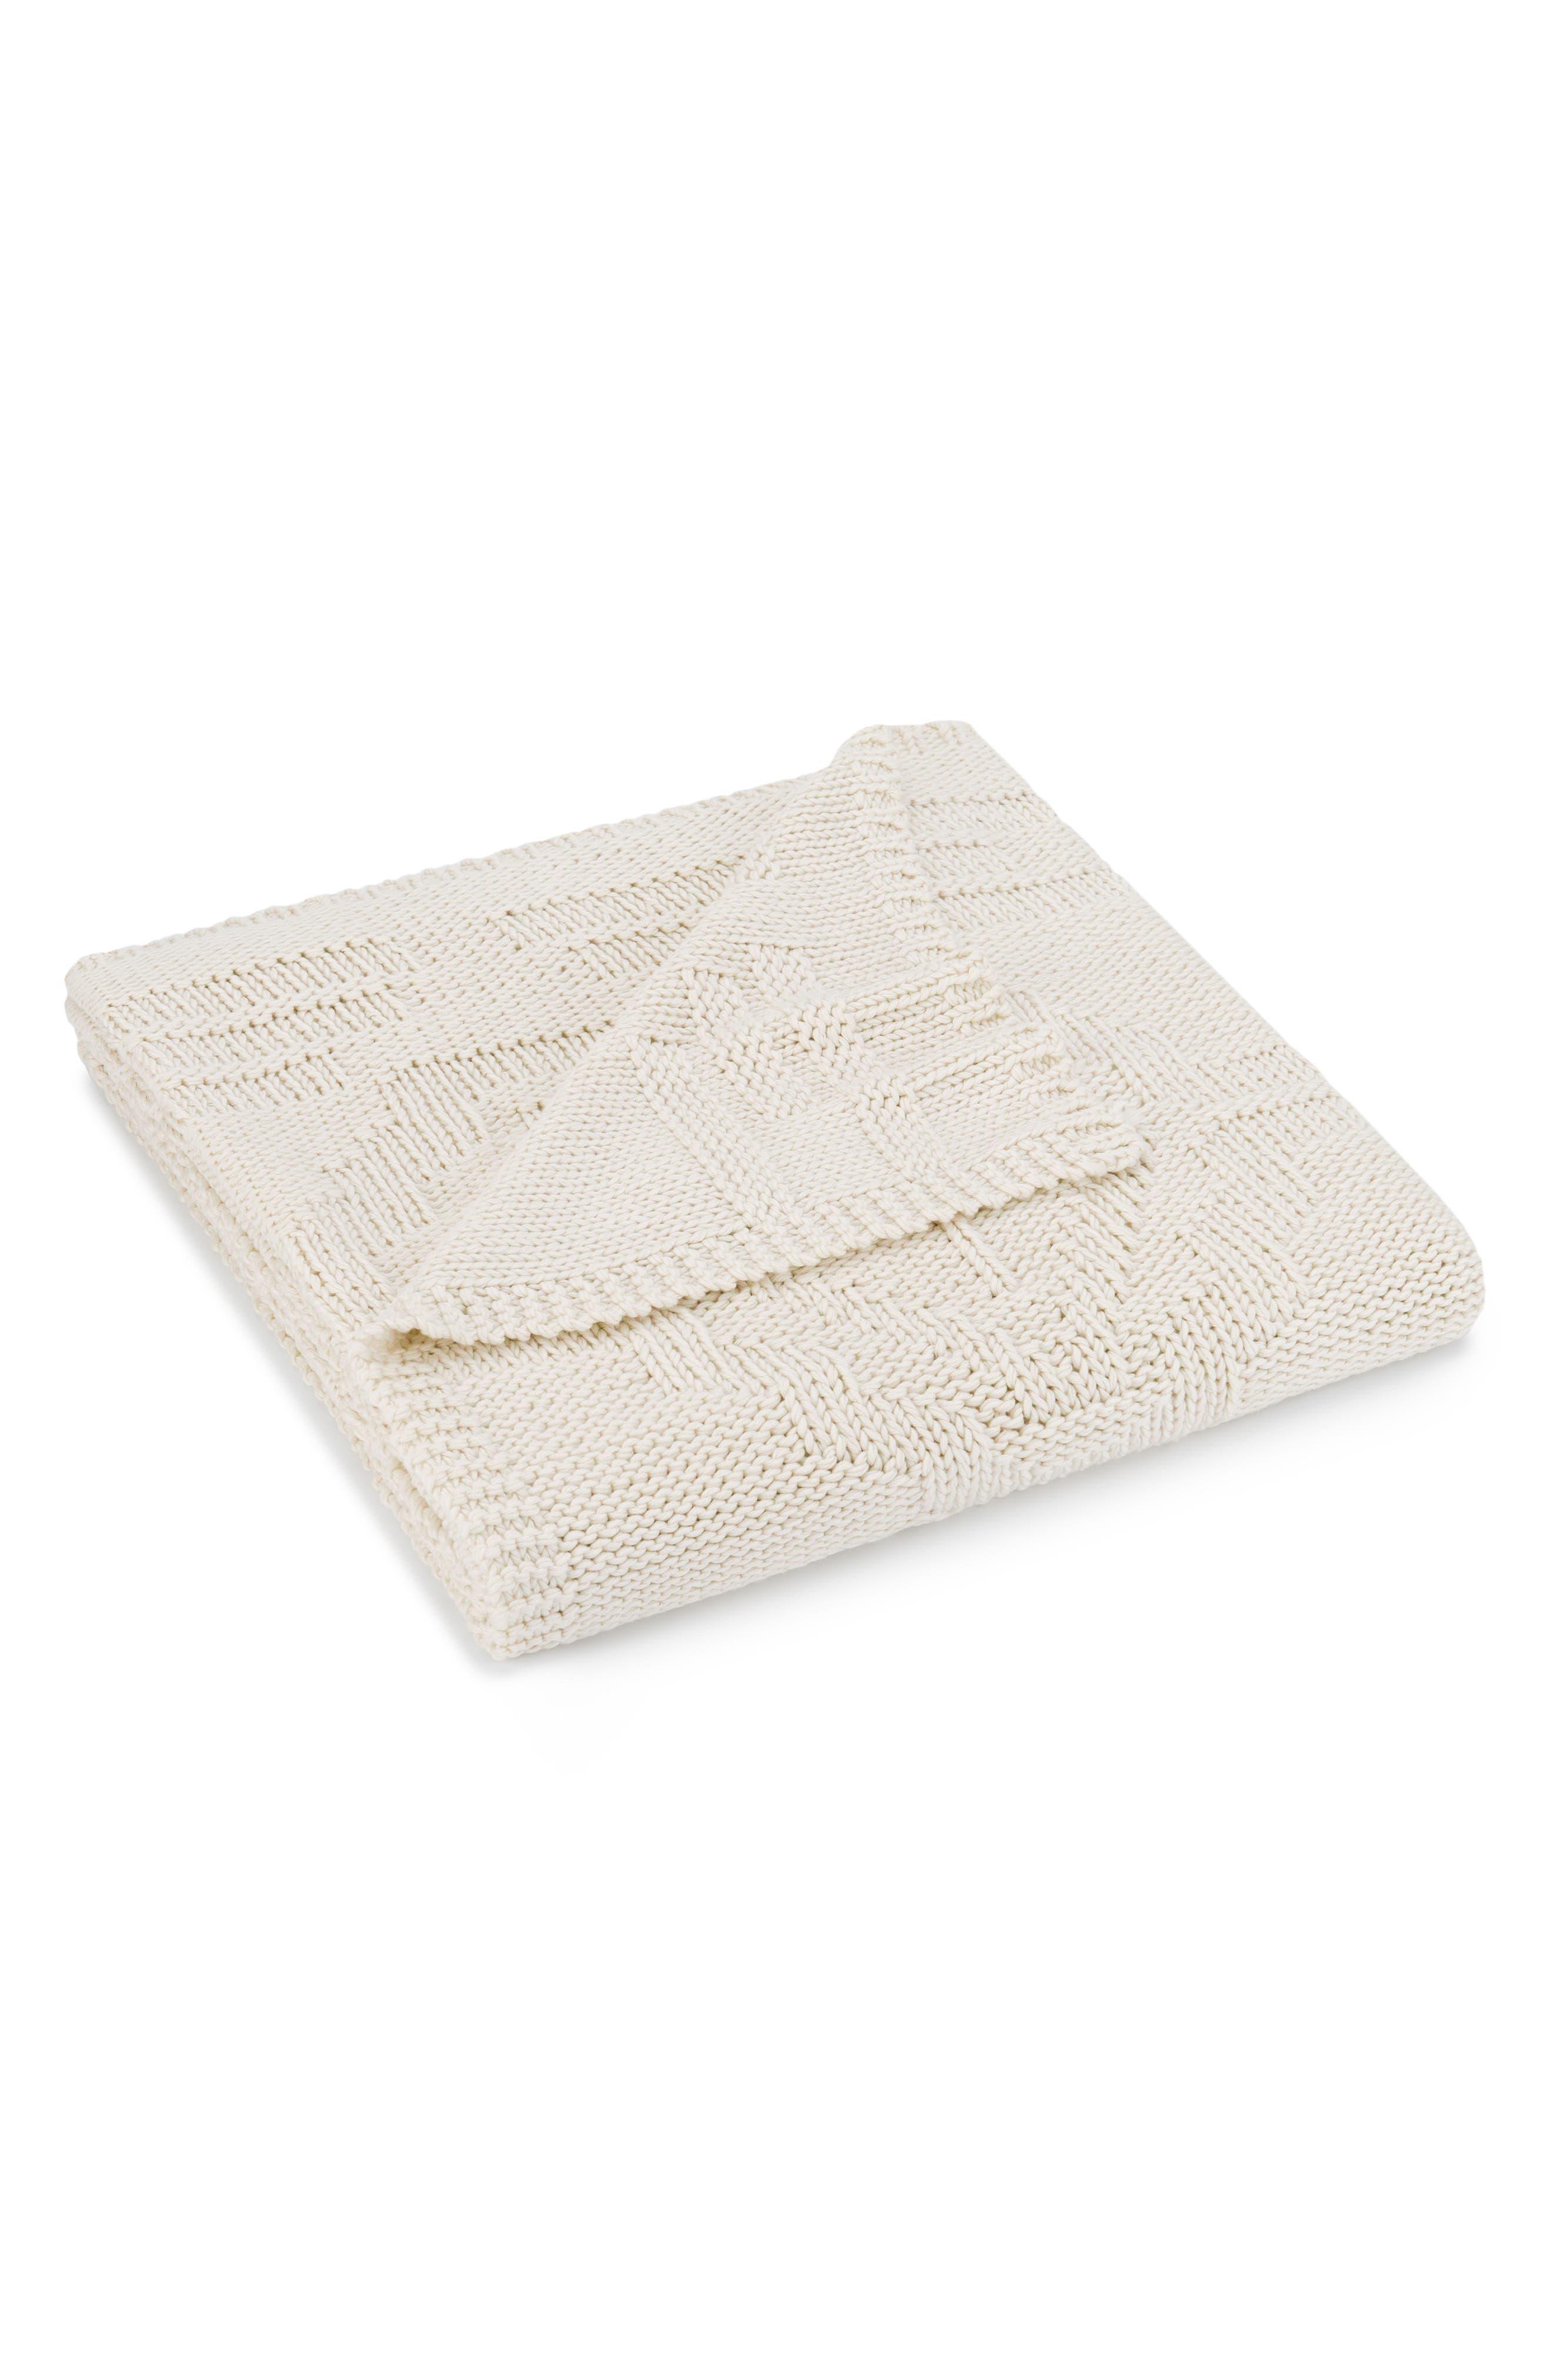 Pendleton Santa Clara Knit Throw